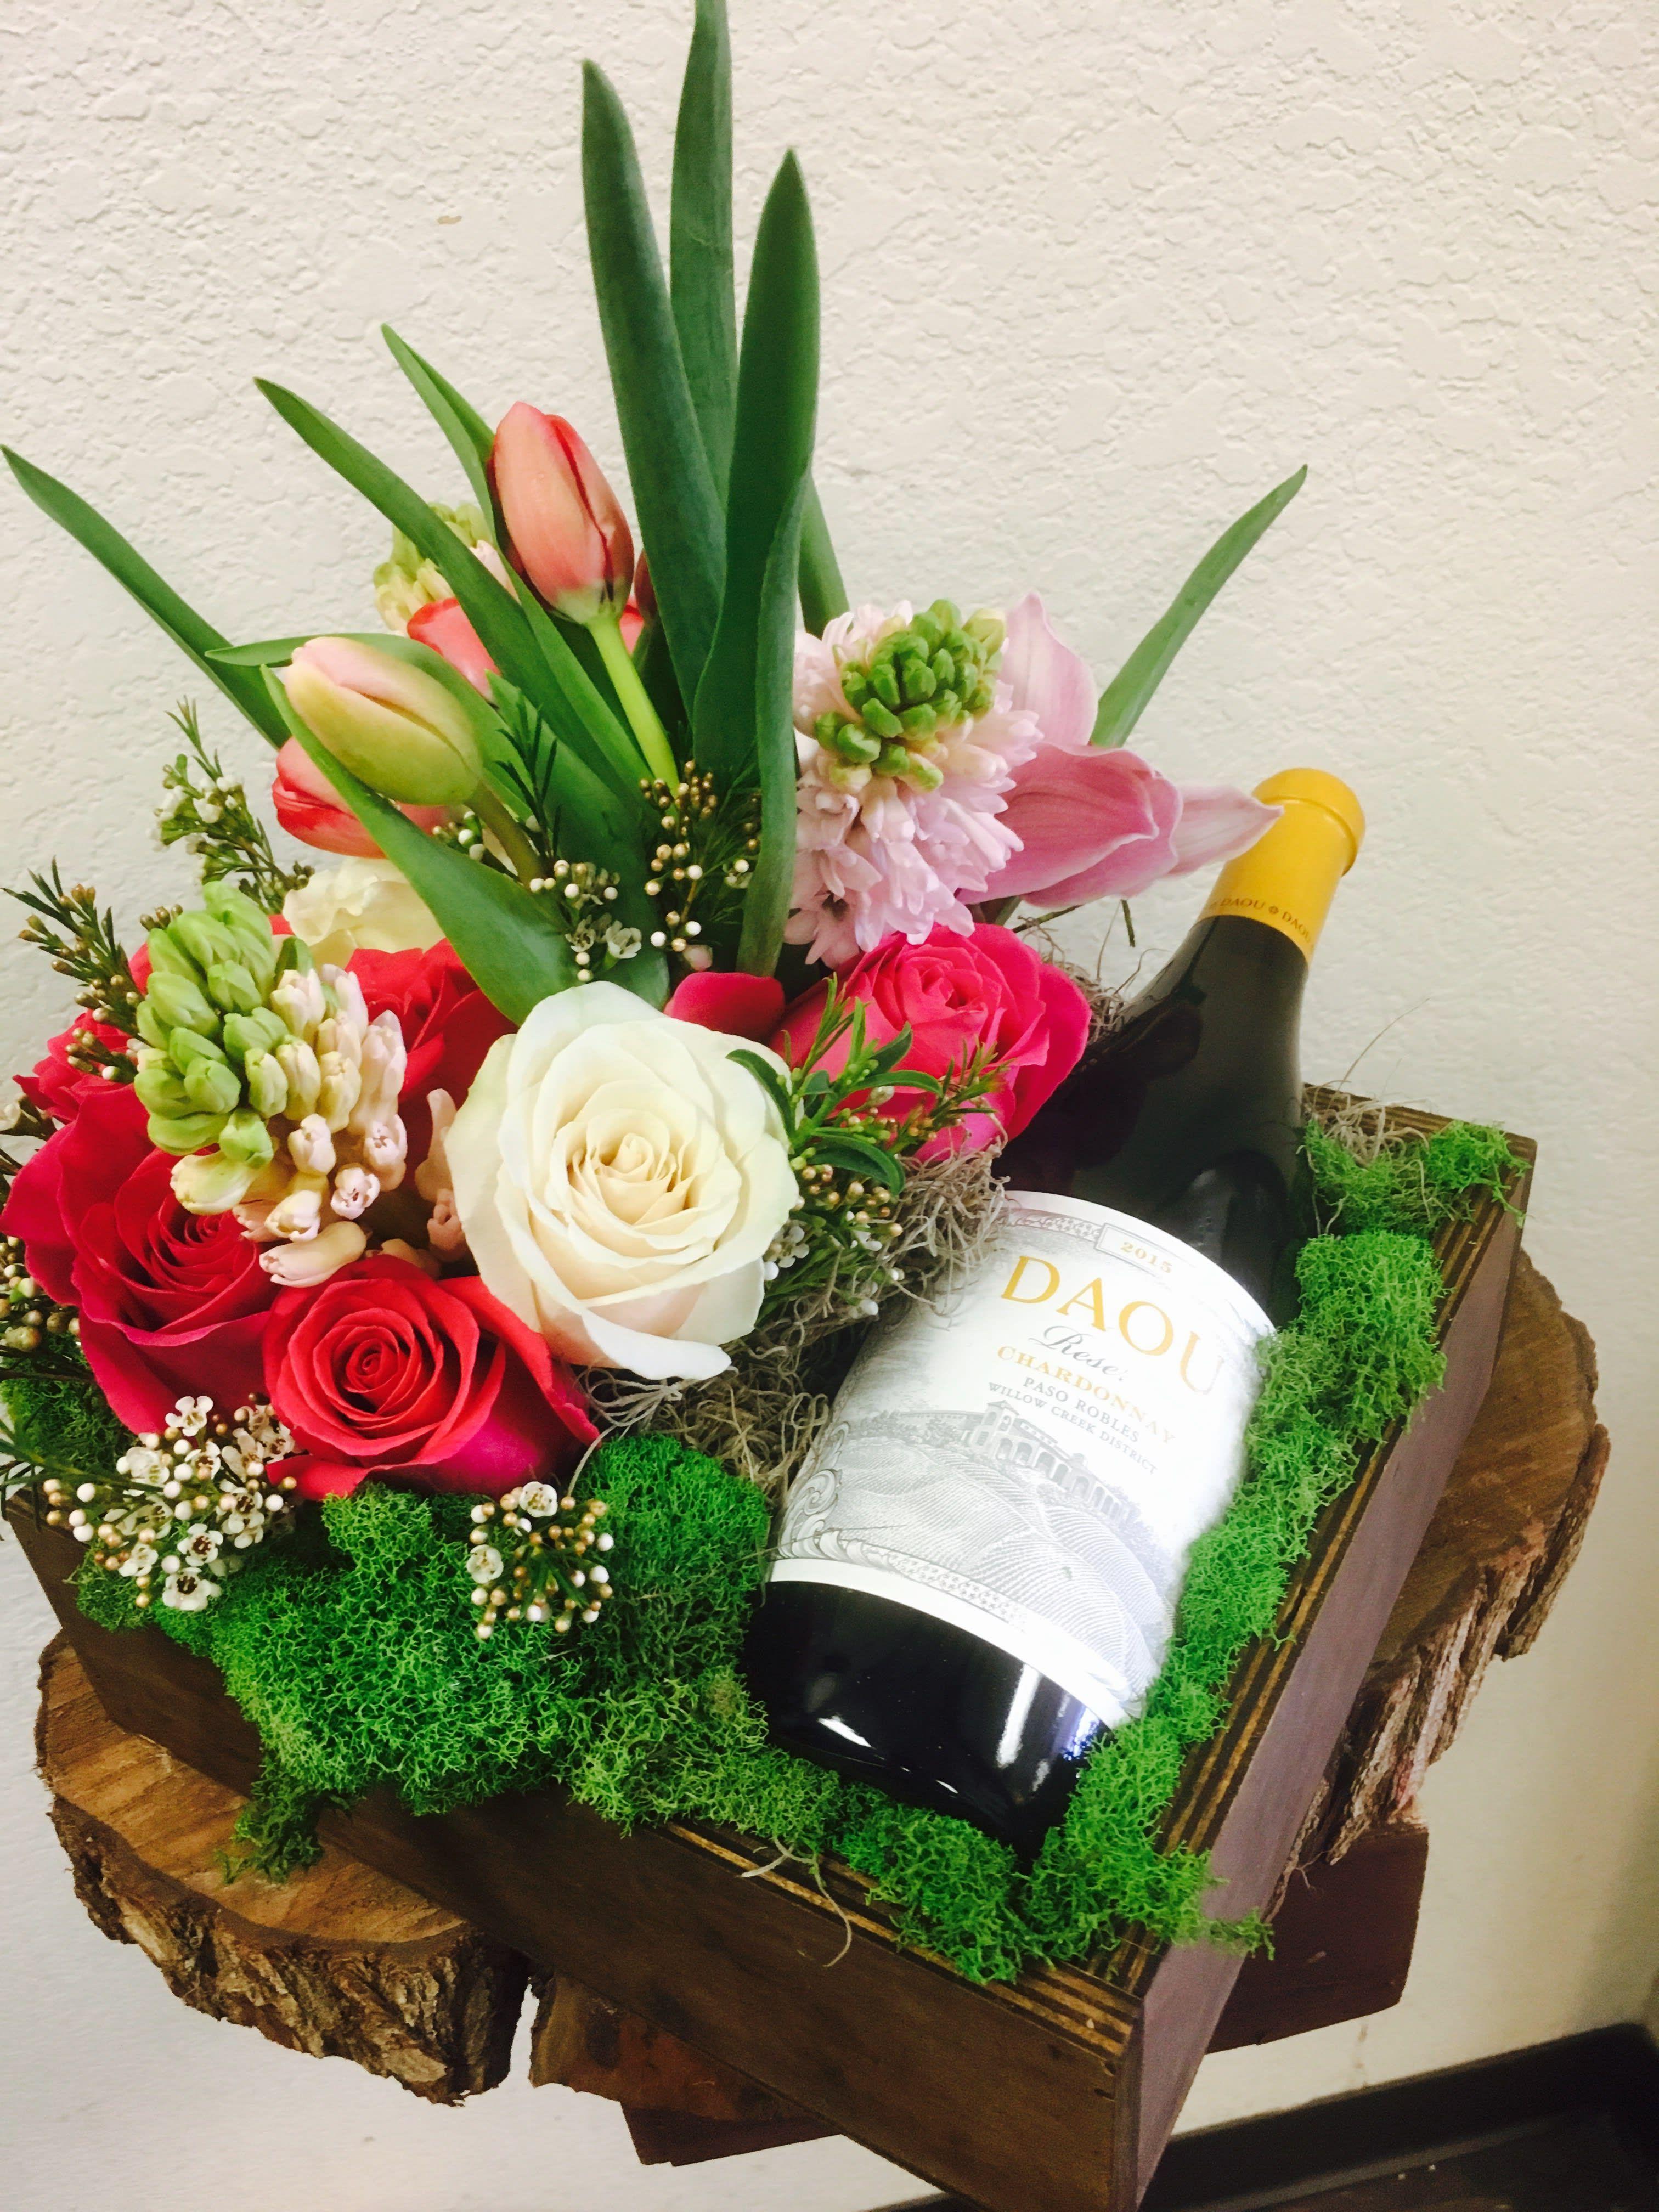 Flowers And Wine In El Sedo Ca in 2020 Easter floral